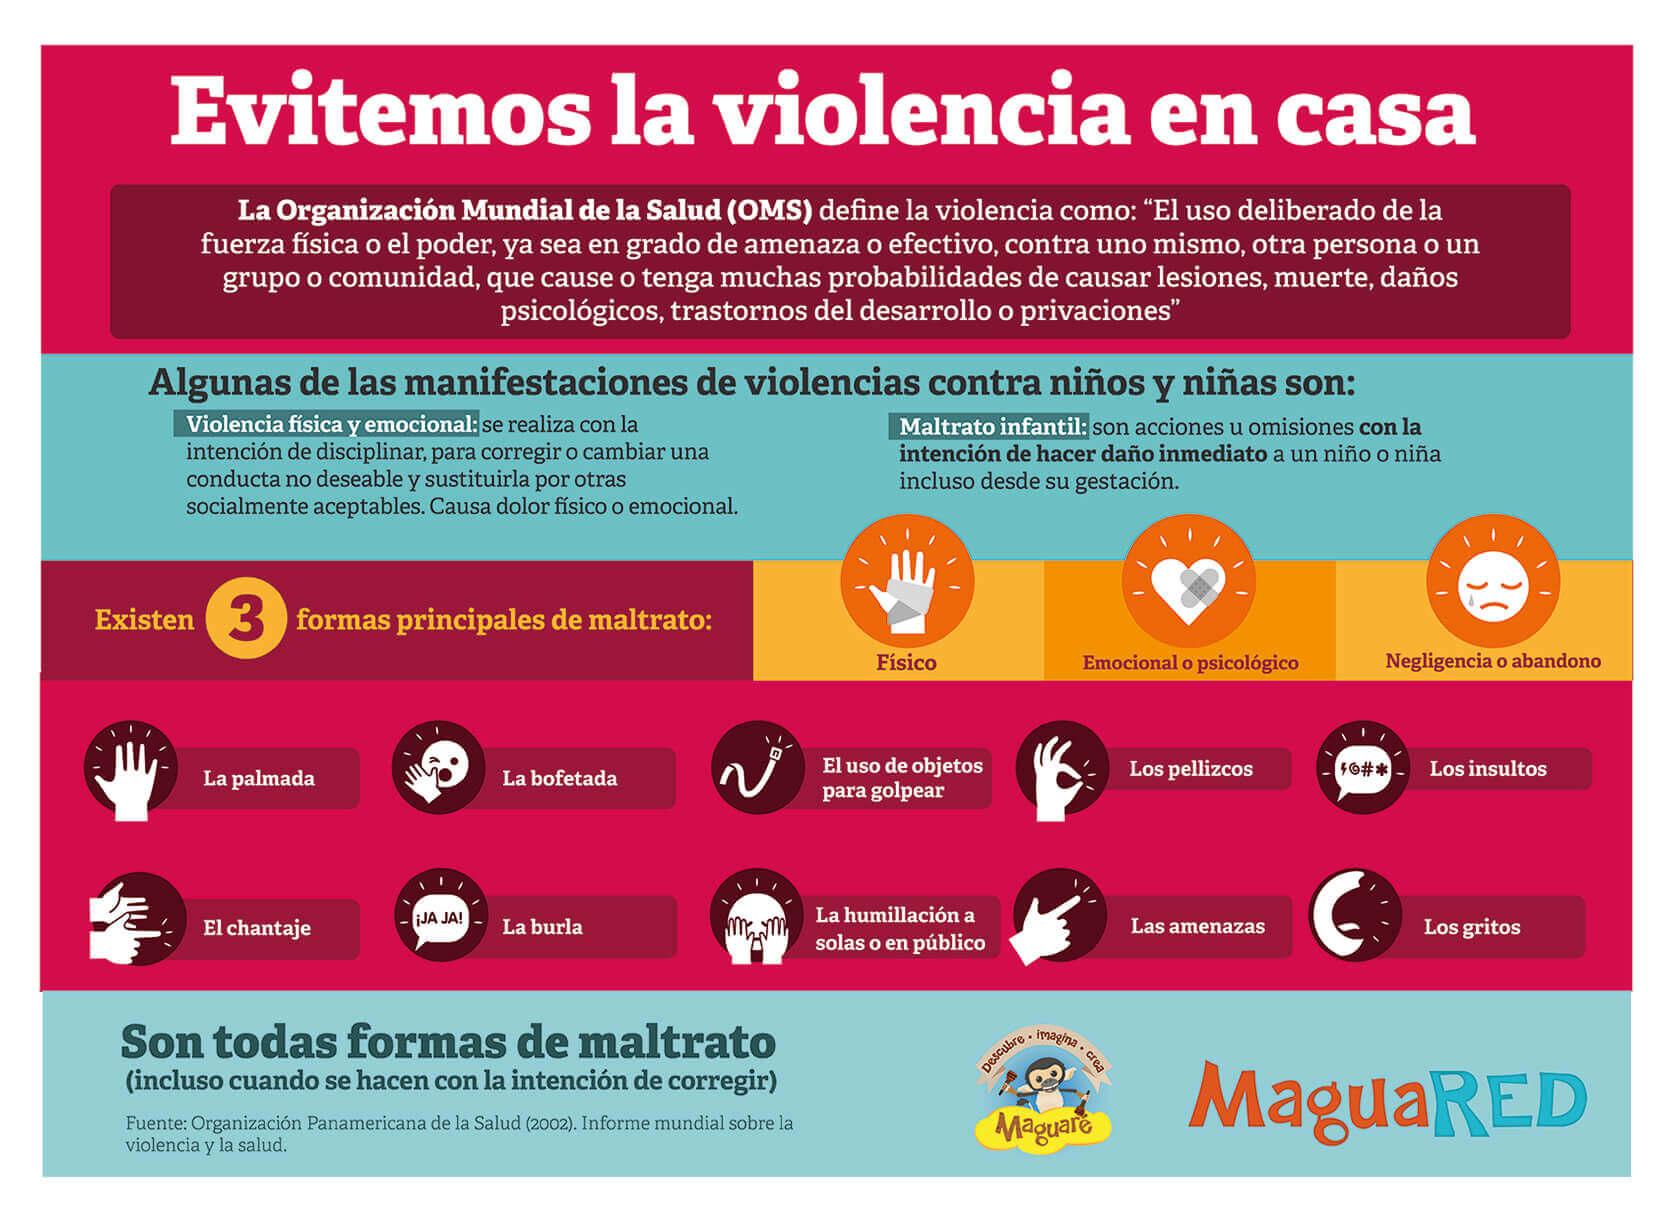 Fuente: Organización Panamericana de la Salud (2002). Informe mundial sobre la violencia y la salud: Resumen., Oficina Regional para las Américas de la Organización Mundial de la Salud, Washington, D.C., p. 5.